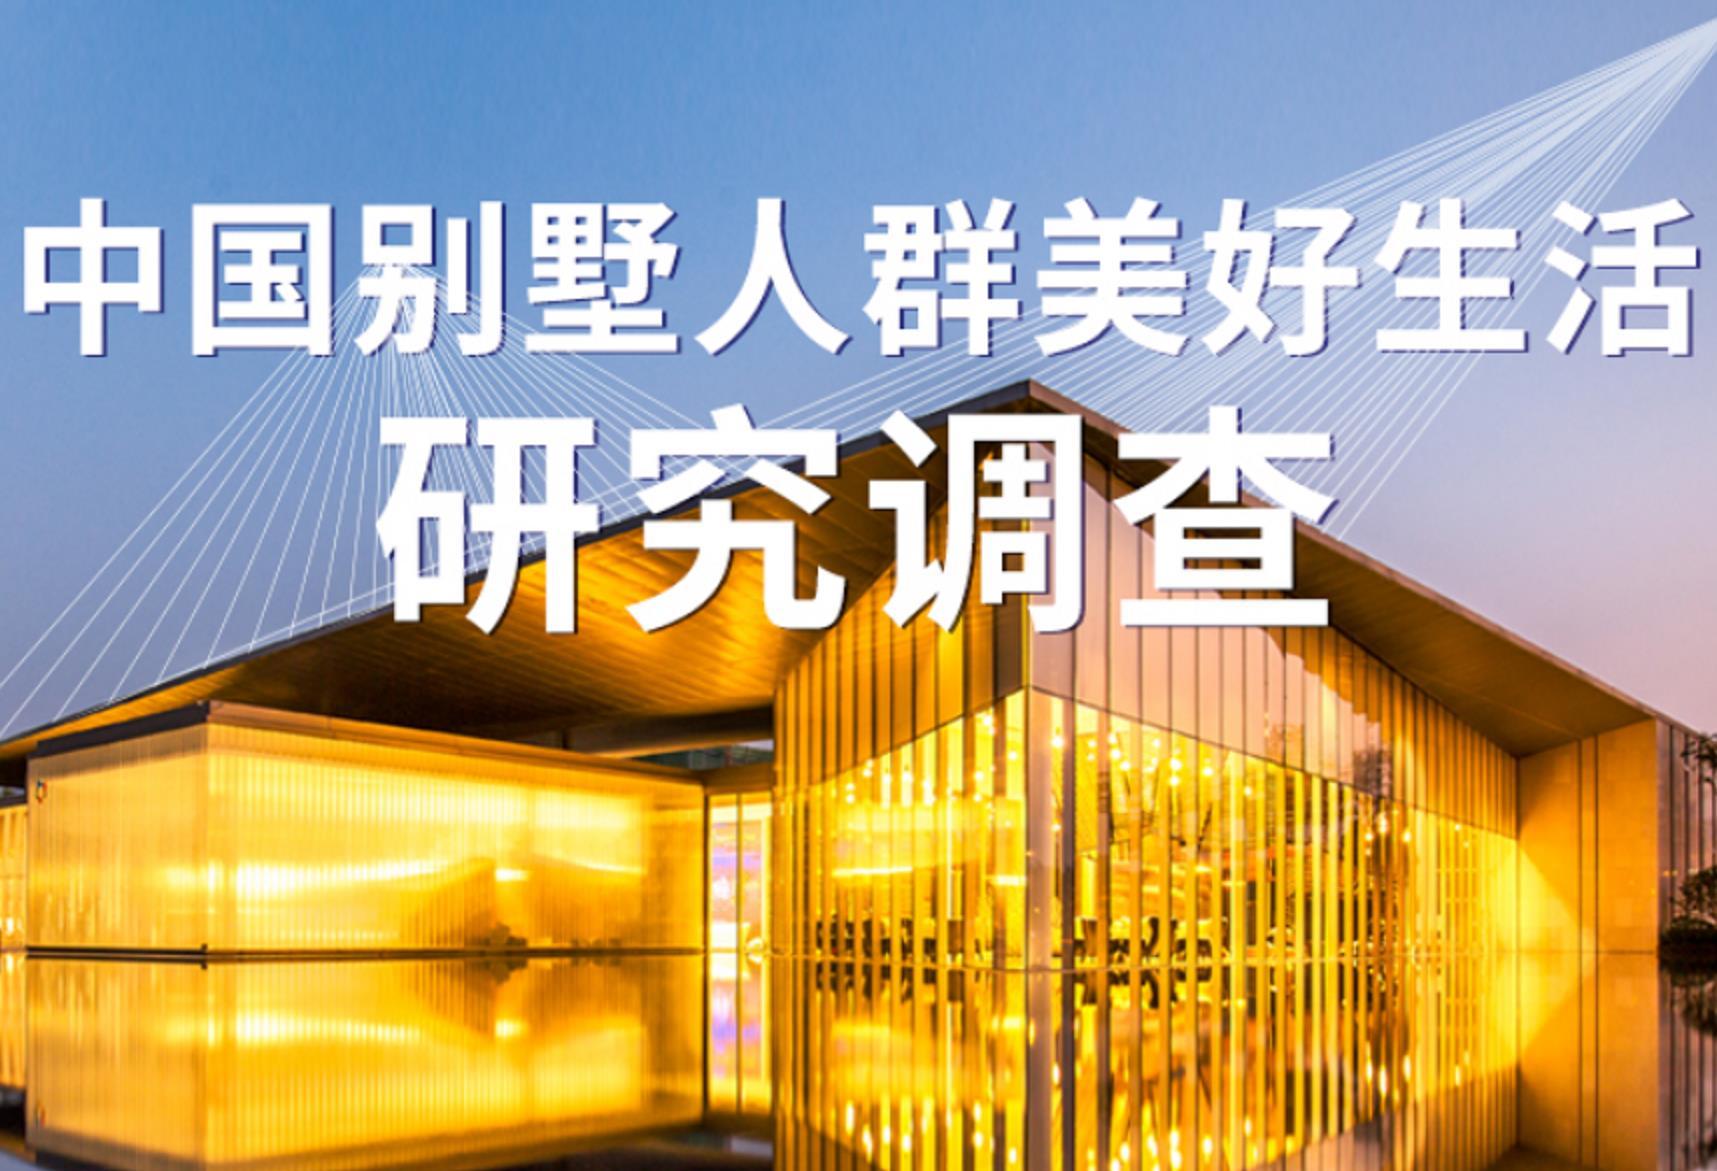 发掘别墅美好生活 新浪家居《中国人别墅美好生活研究调查》进行中